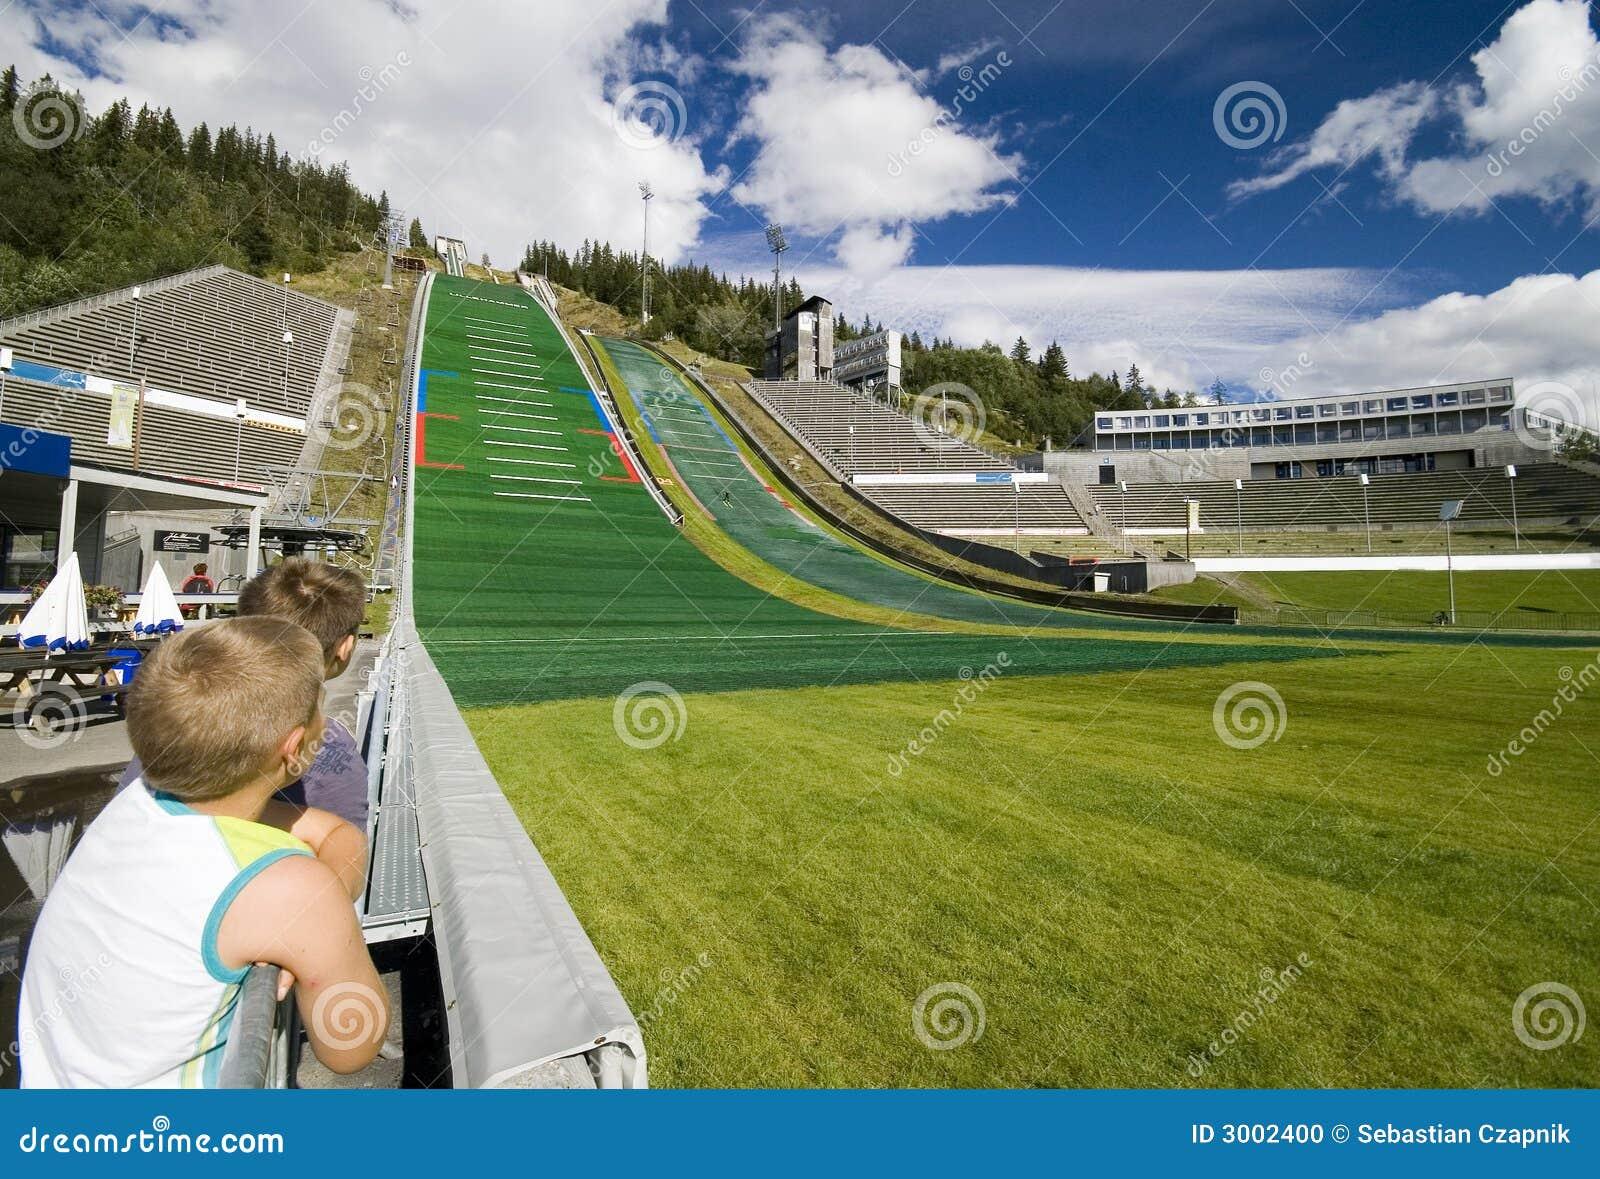 Meninos que prestam atenção a ligações em ponte de esqui.